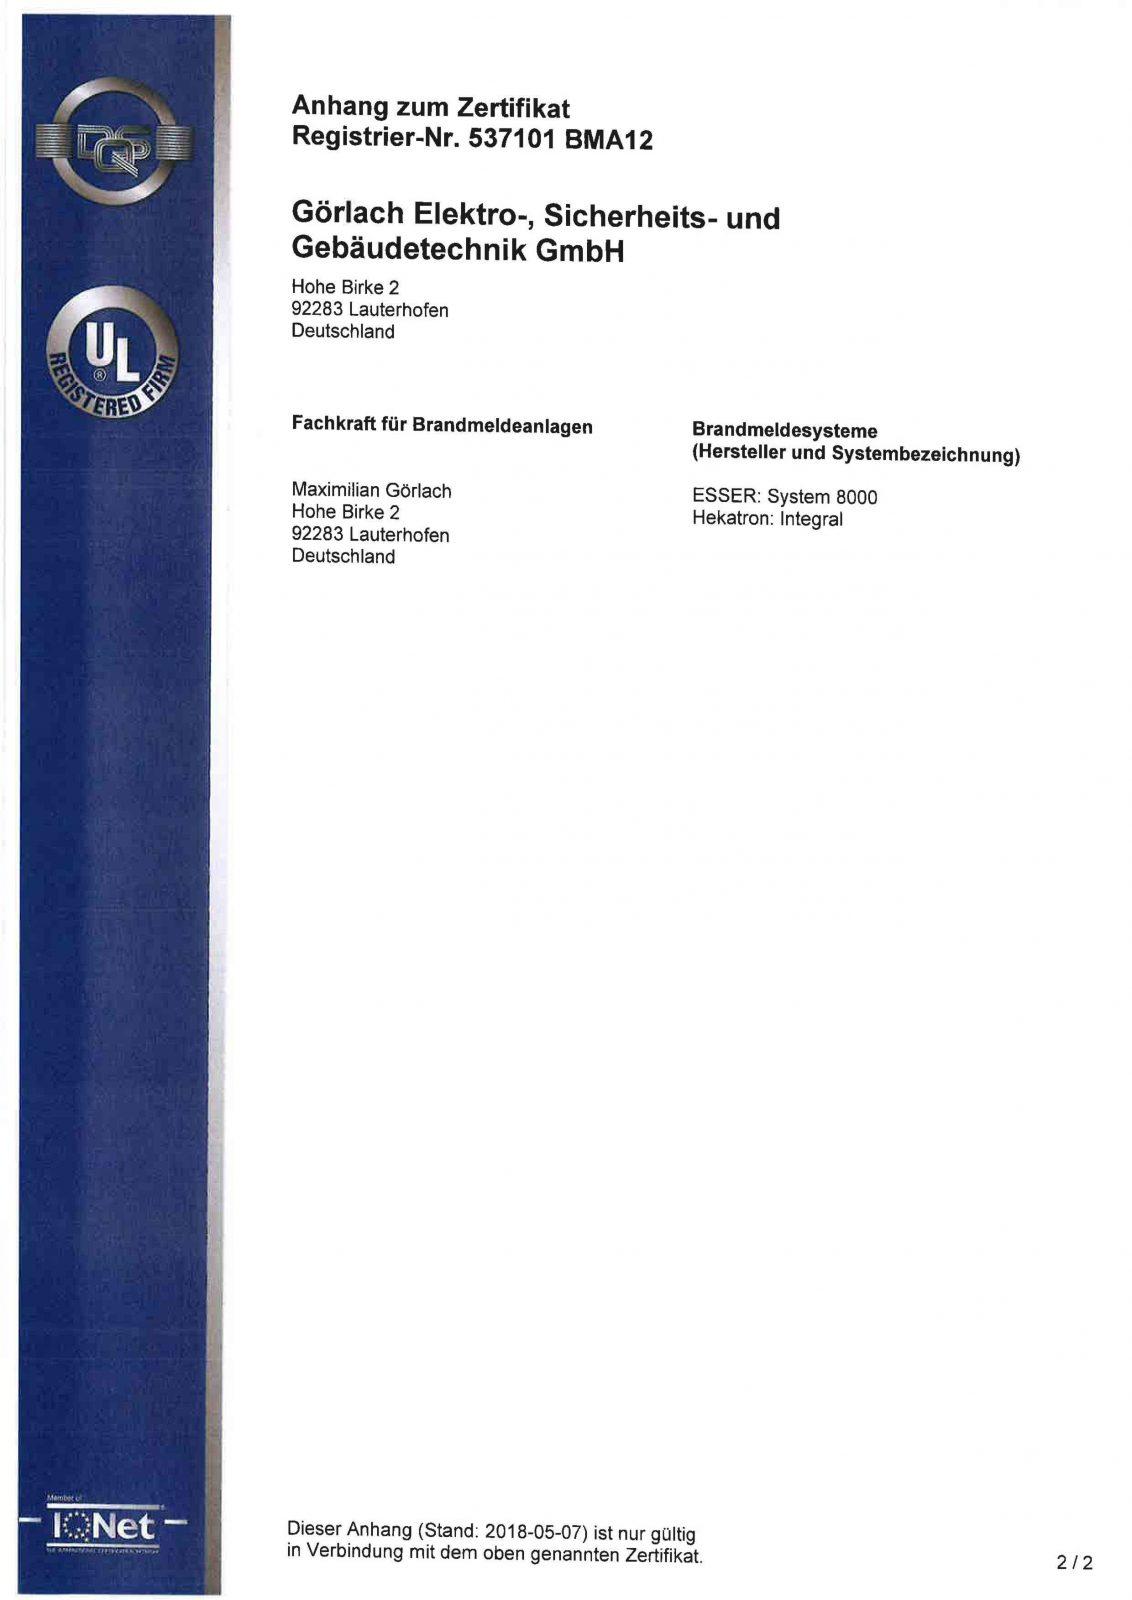 Zertifikat_Brandmeldeanlagen_DIN 14675 Seite 2